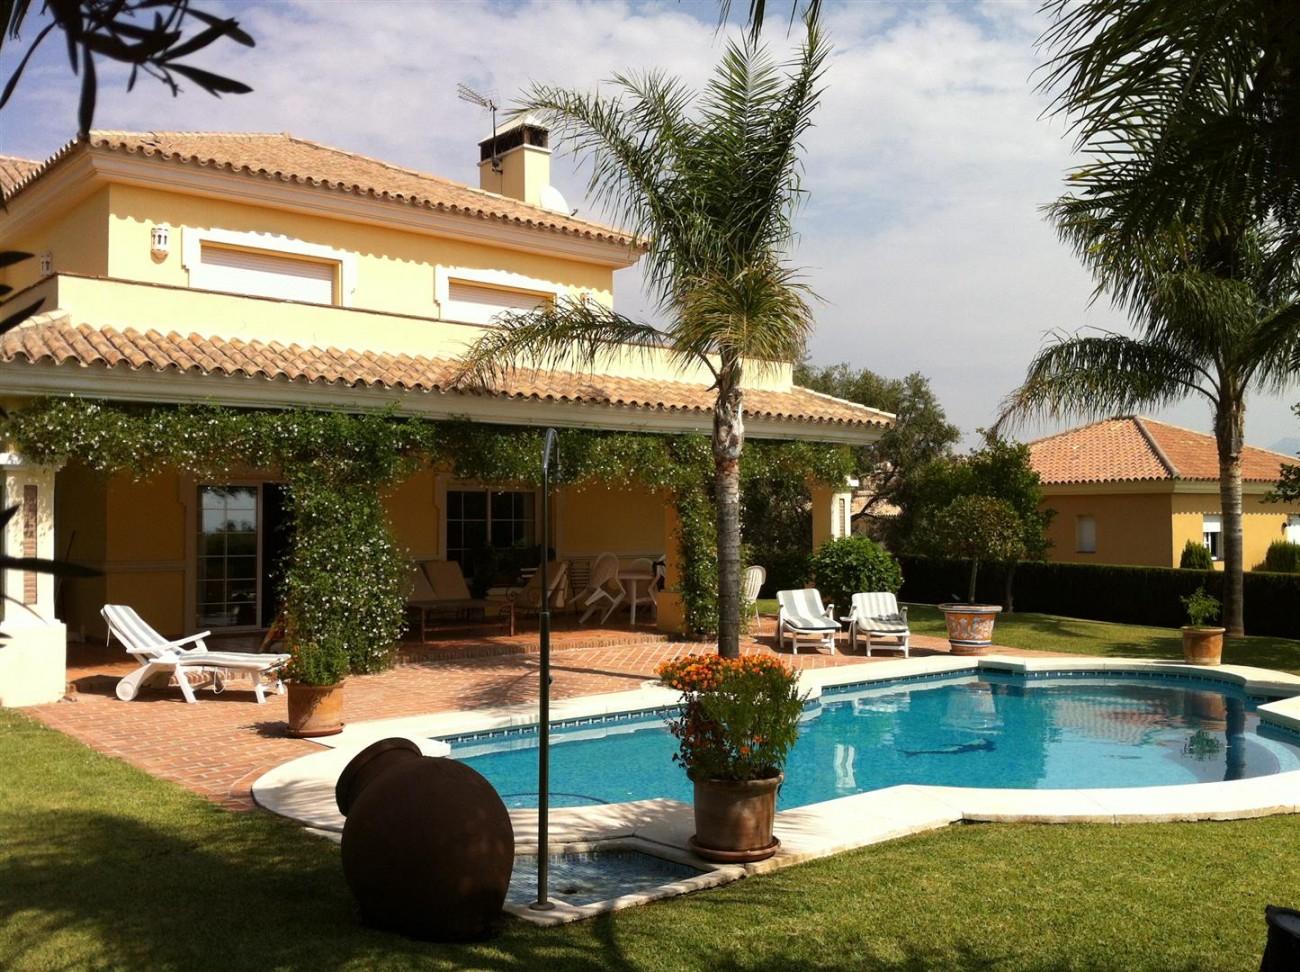 Villa for sale Estepona Malaga Spain (2) (Large)